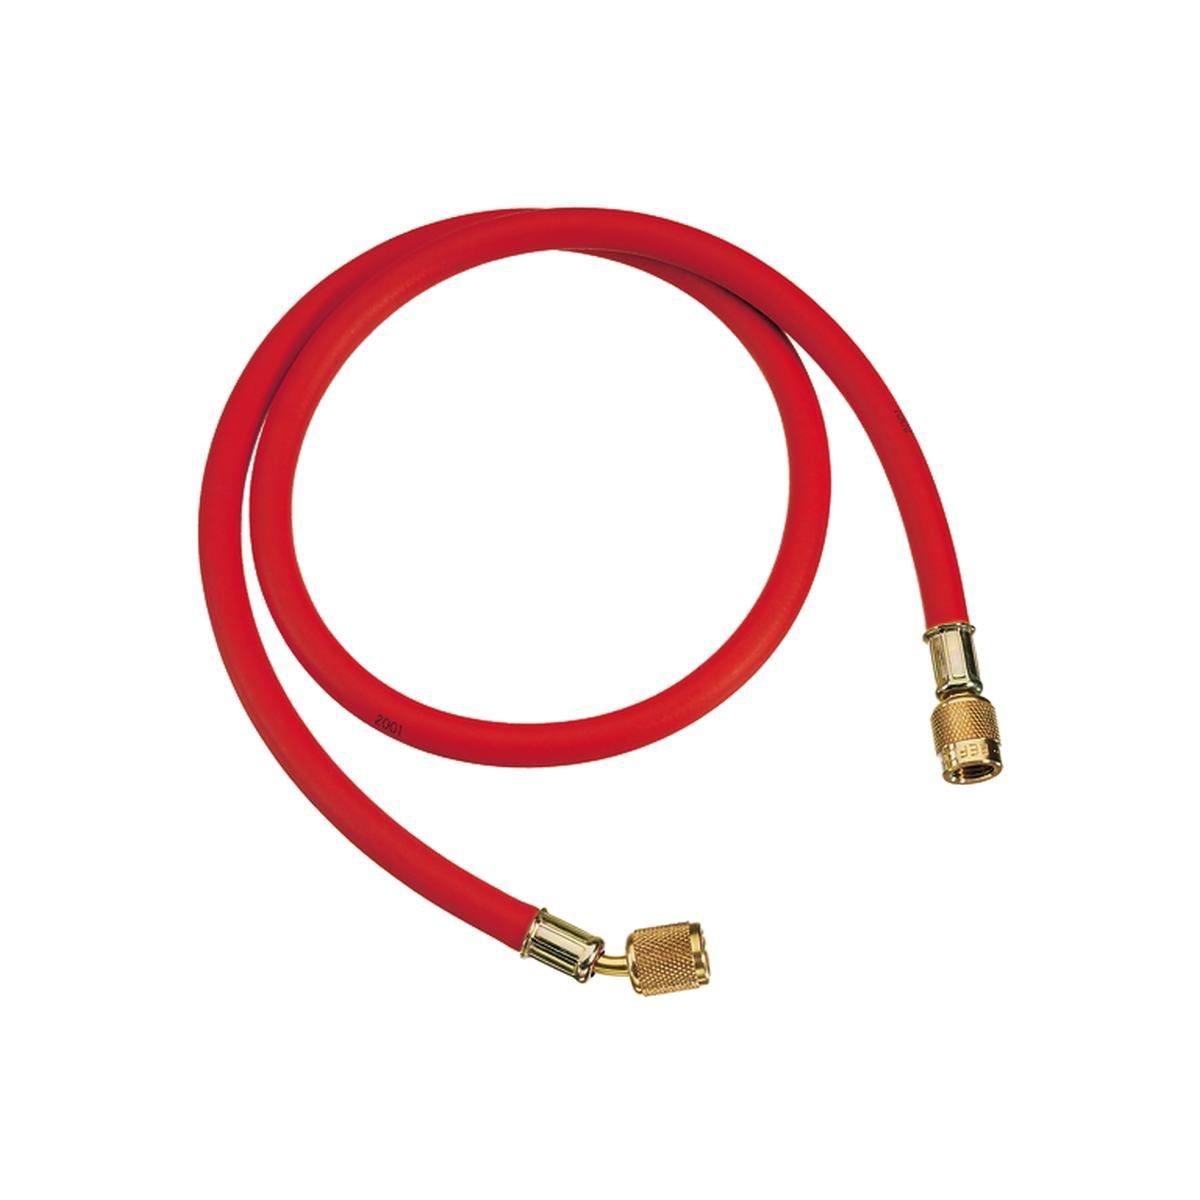 Fyldeslange rød til R410A 150 cm. - Refco